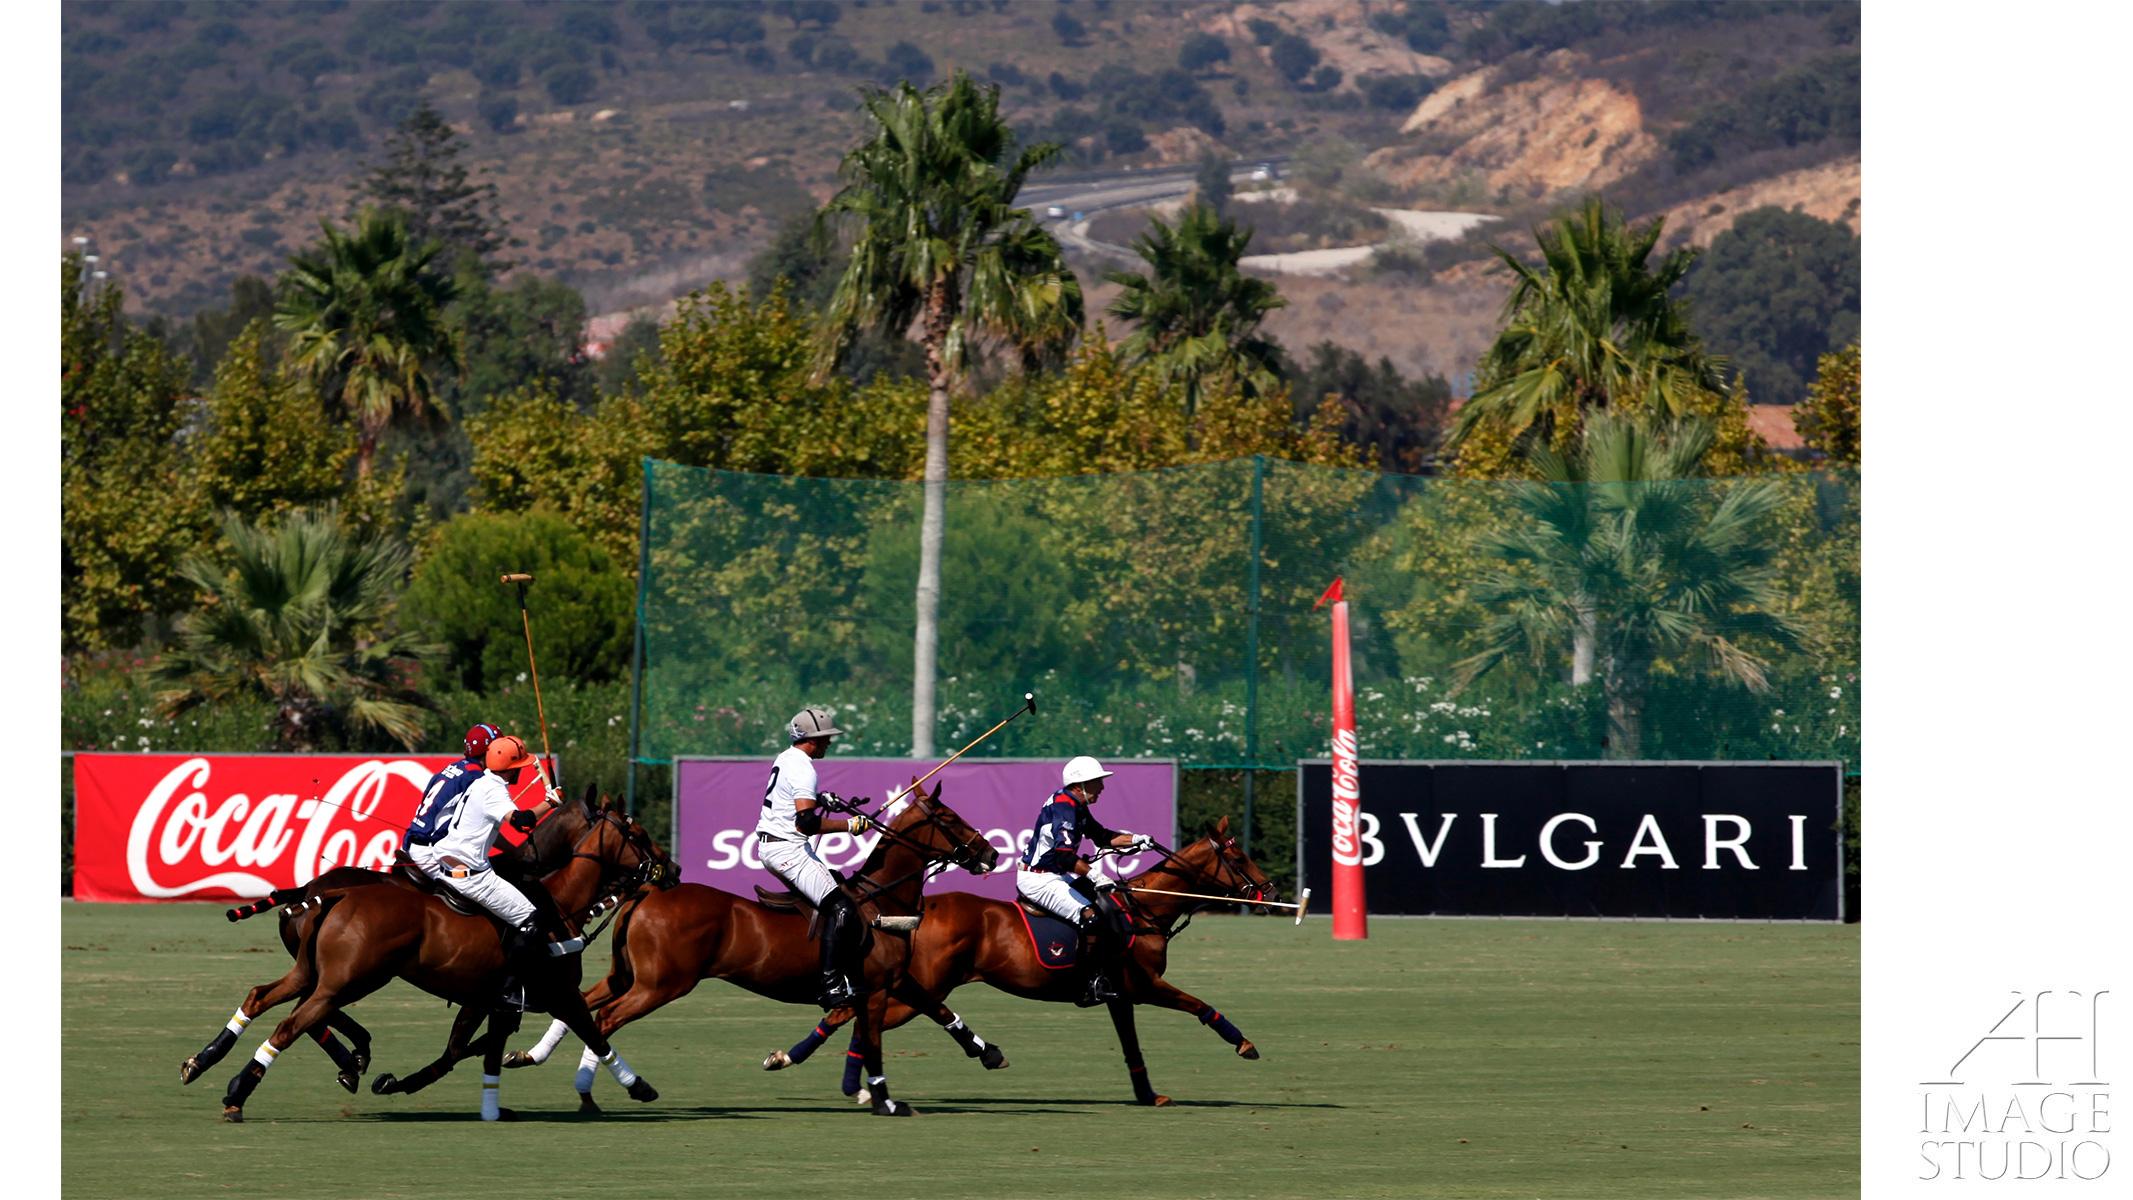 Sotogrande finals polo sport photography Santa Maria Polo Club